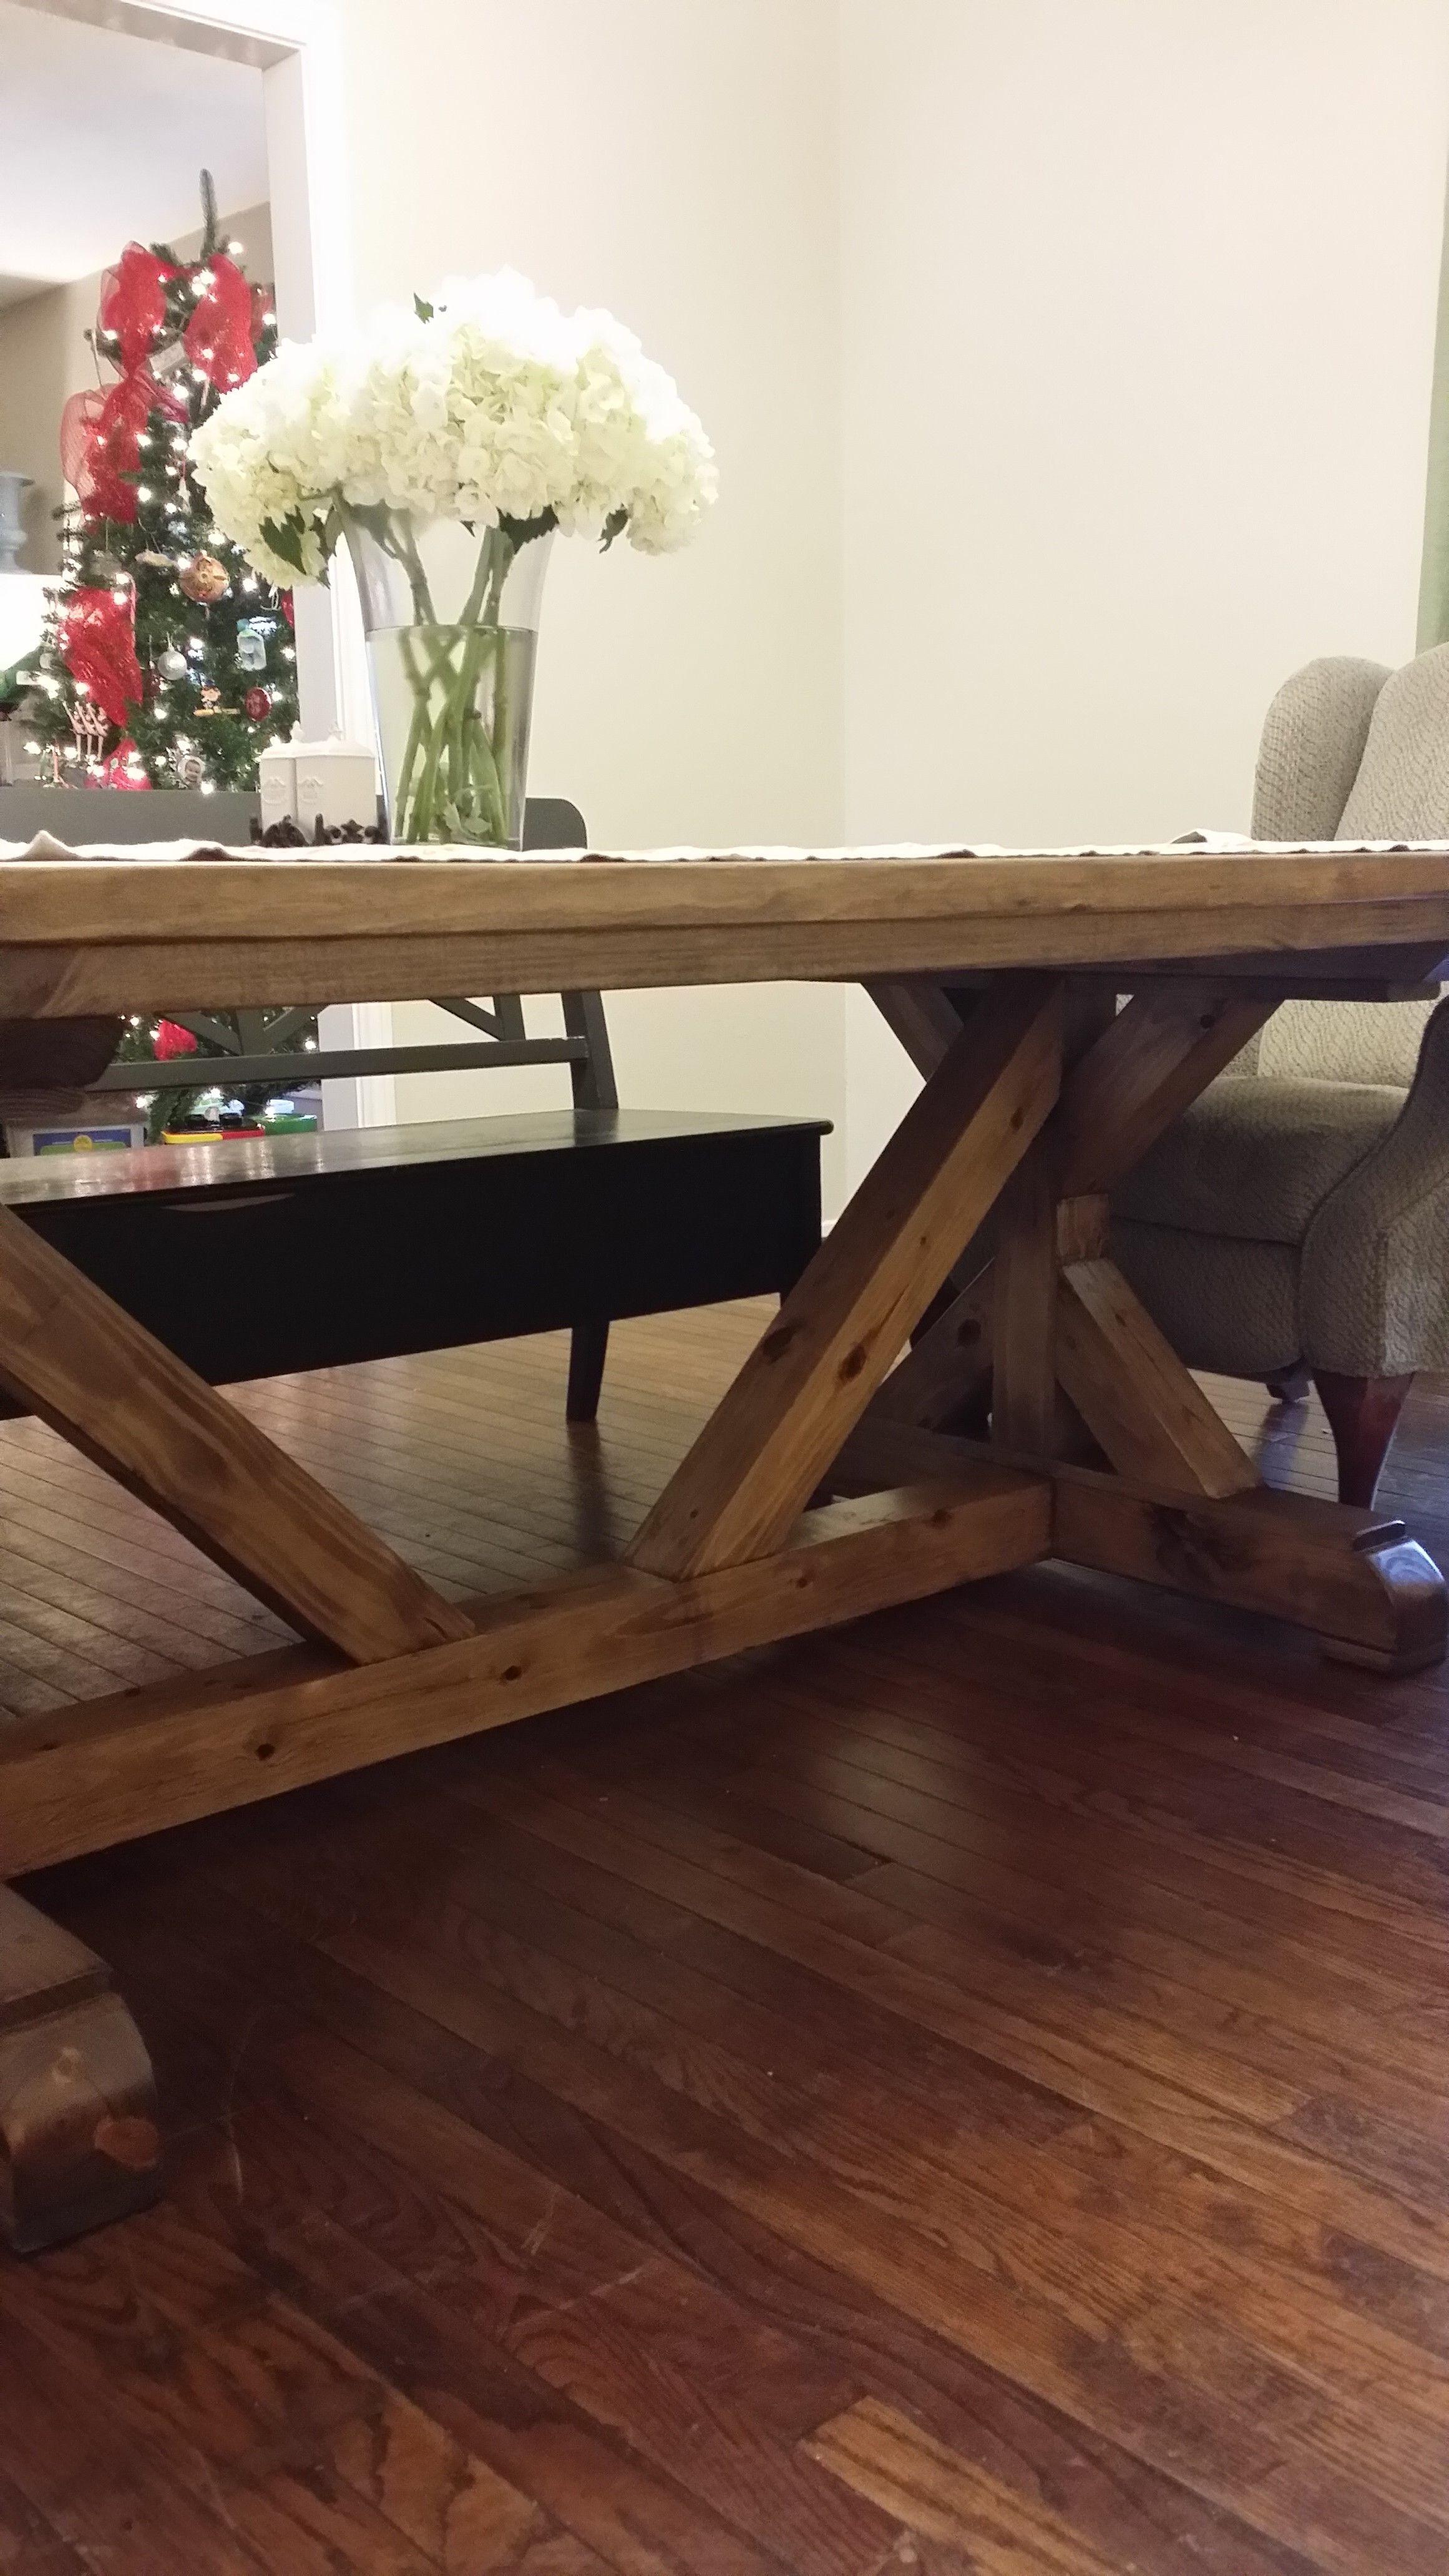 Fancy X Farmhouse table with 4x4 base